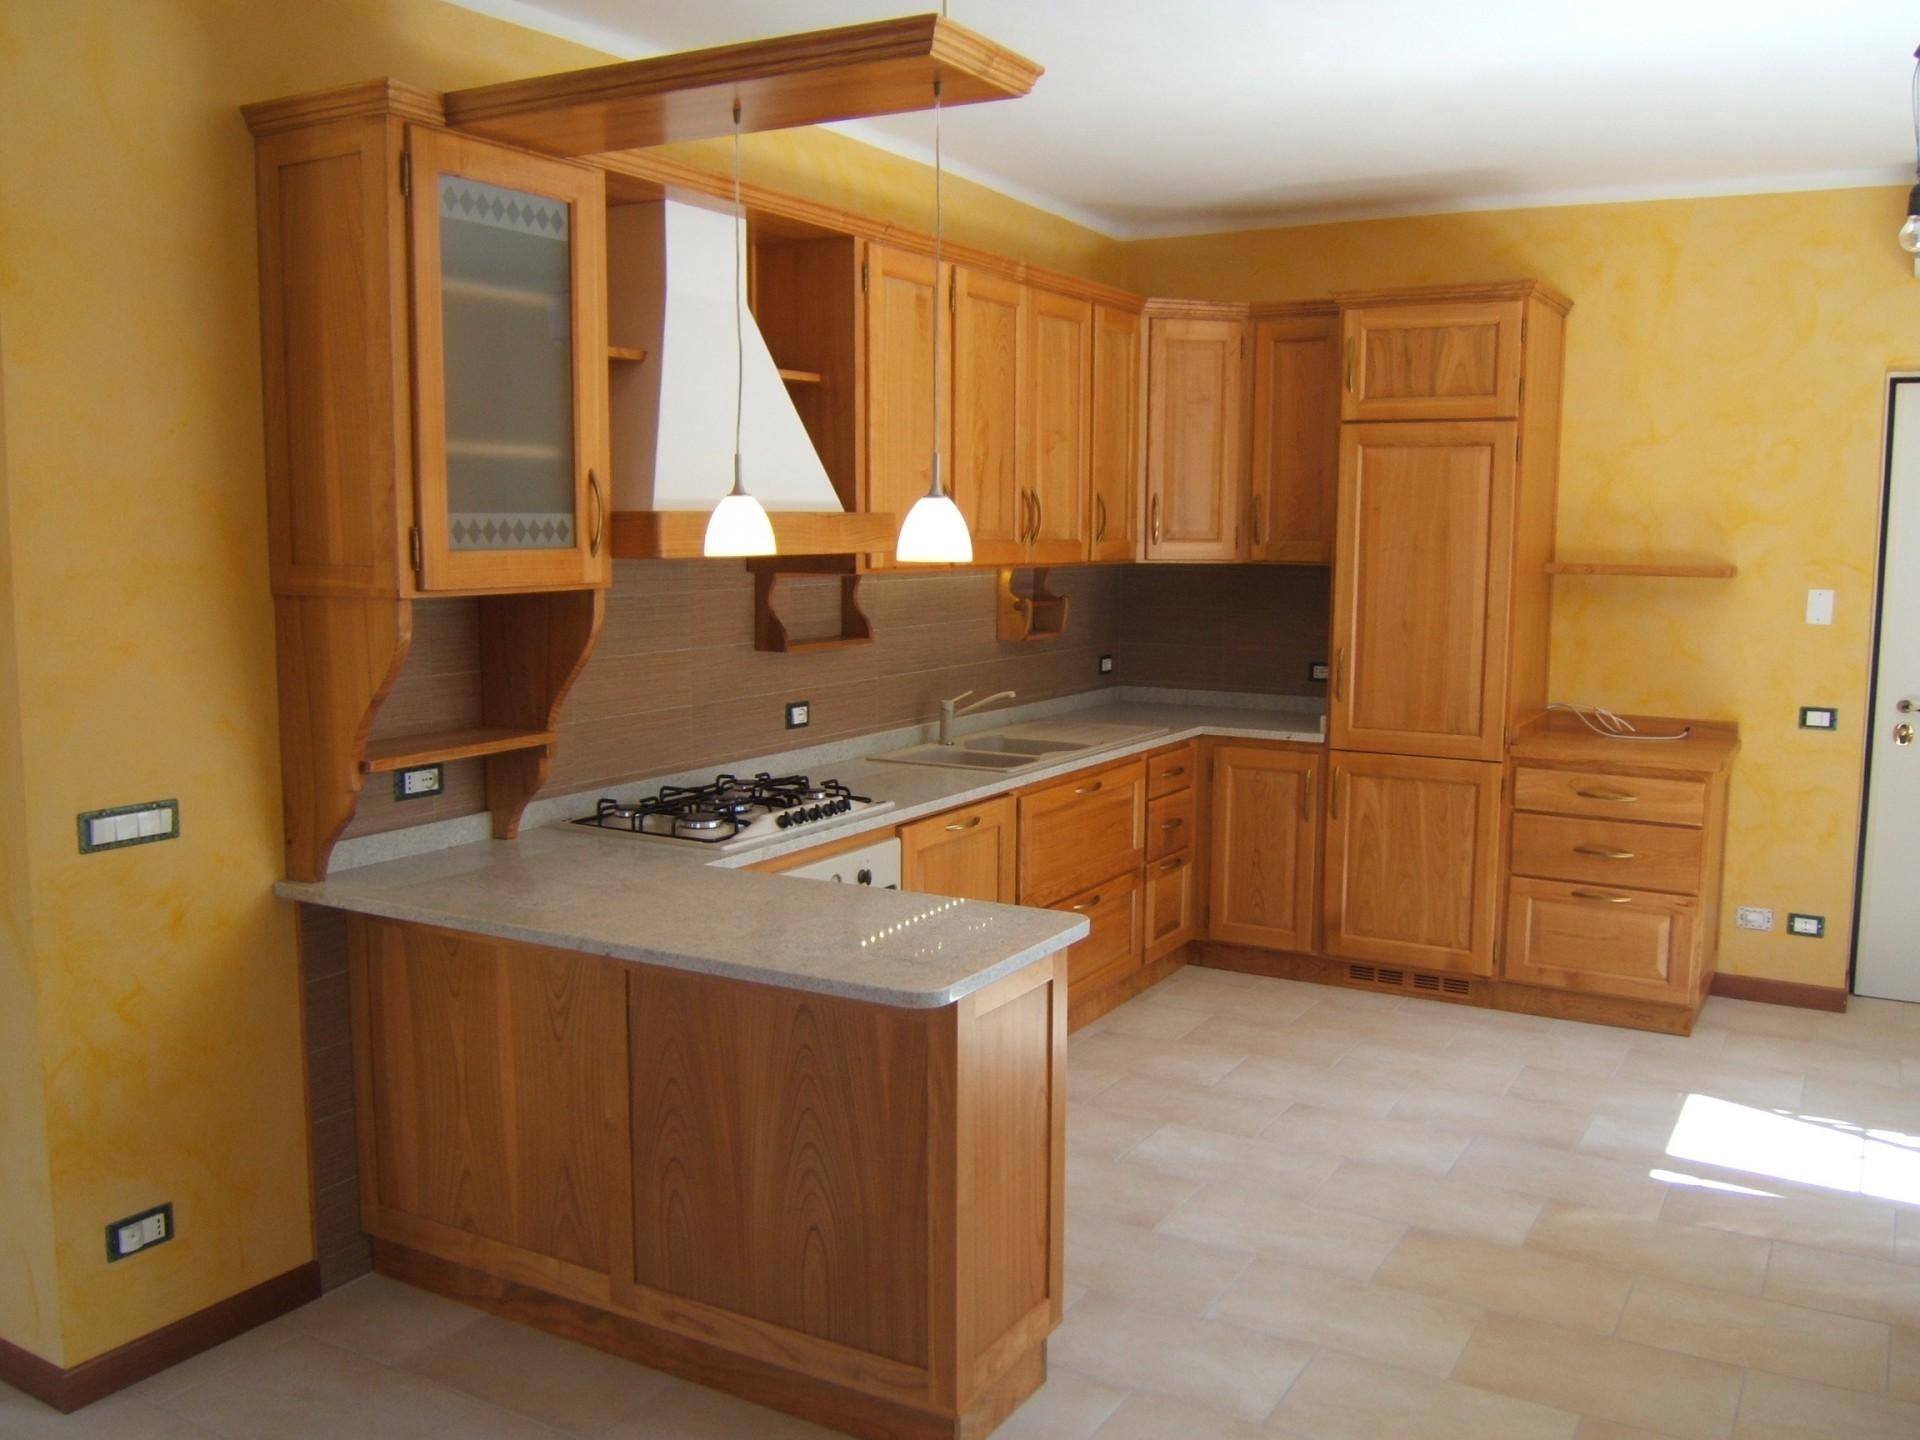 Cucina in muratura fadini mobili cerea verona for Cucine moderne color ciliegio